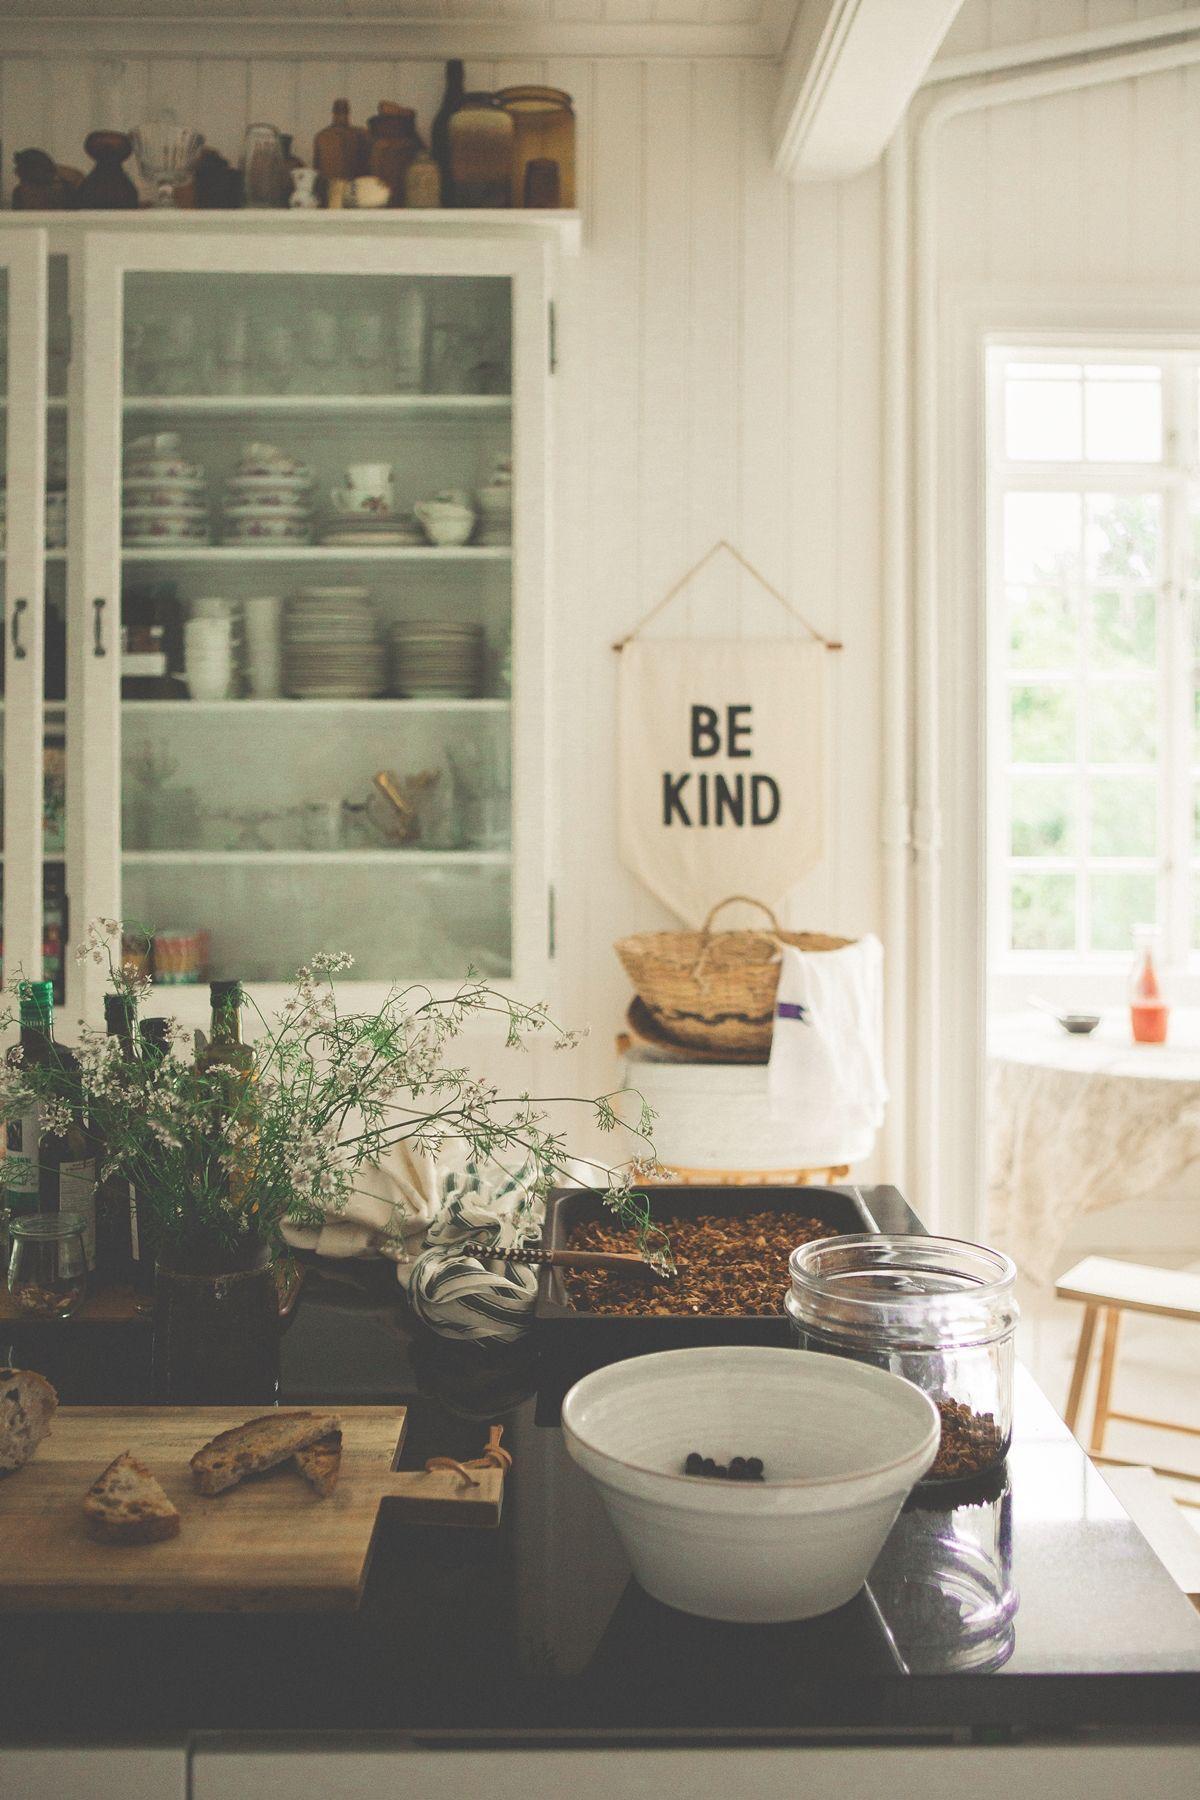 Küche design zitate pin von dani corner auf home sweet home  pinterest  tägliche